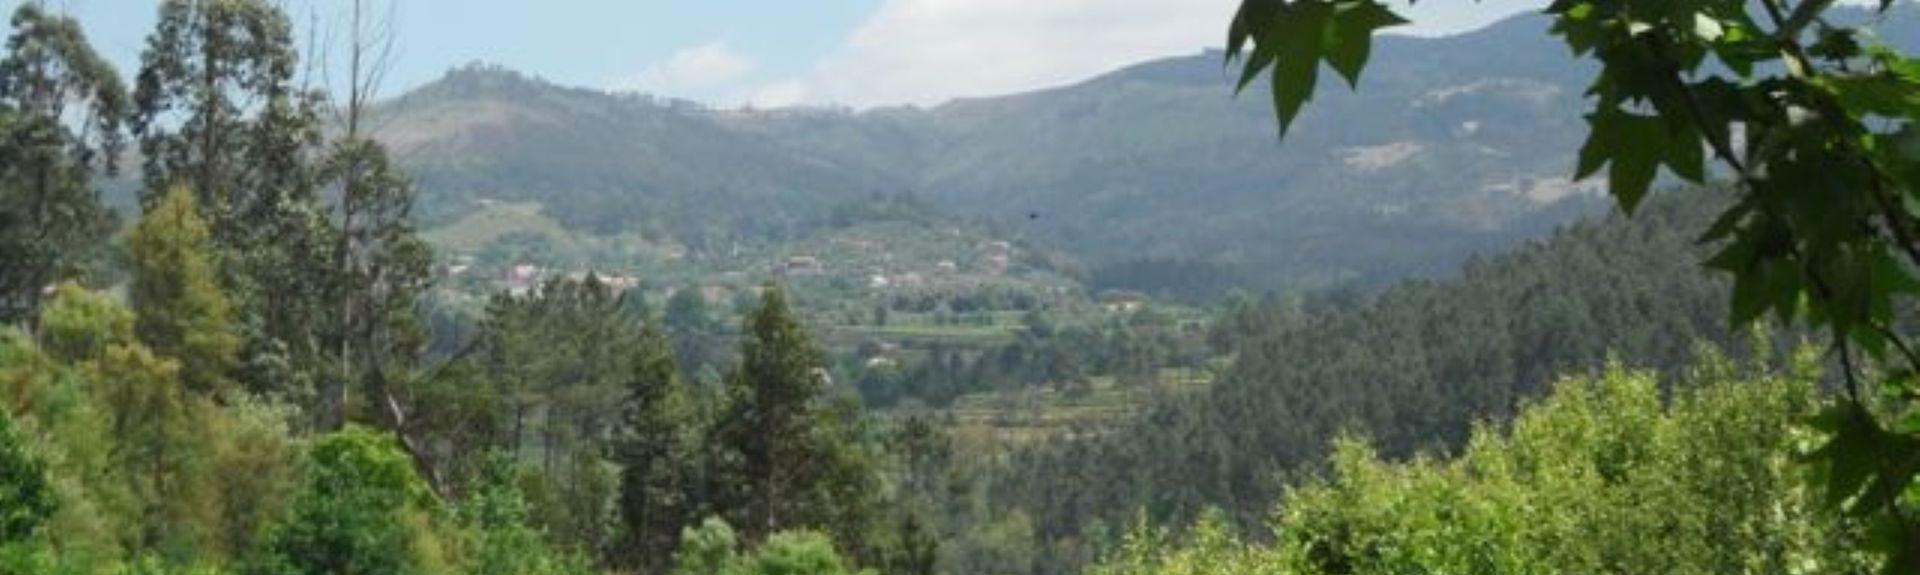 Vila Pouca de Aguiar, Portugal